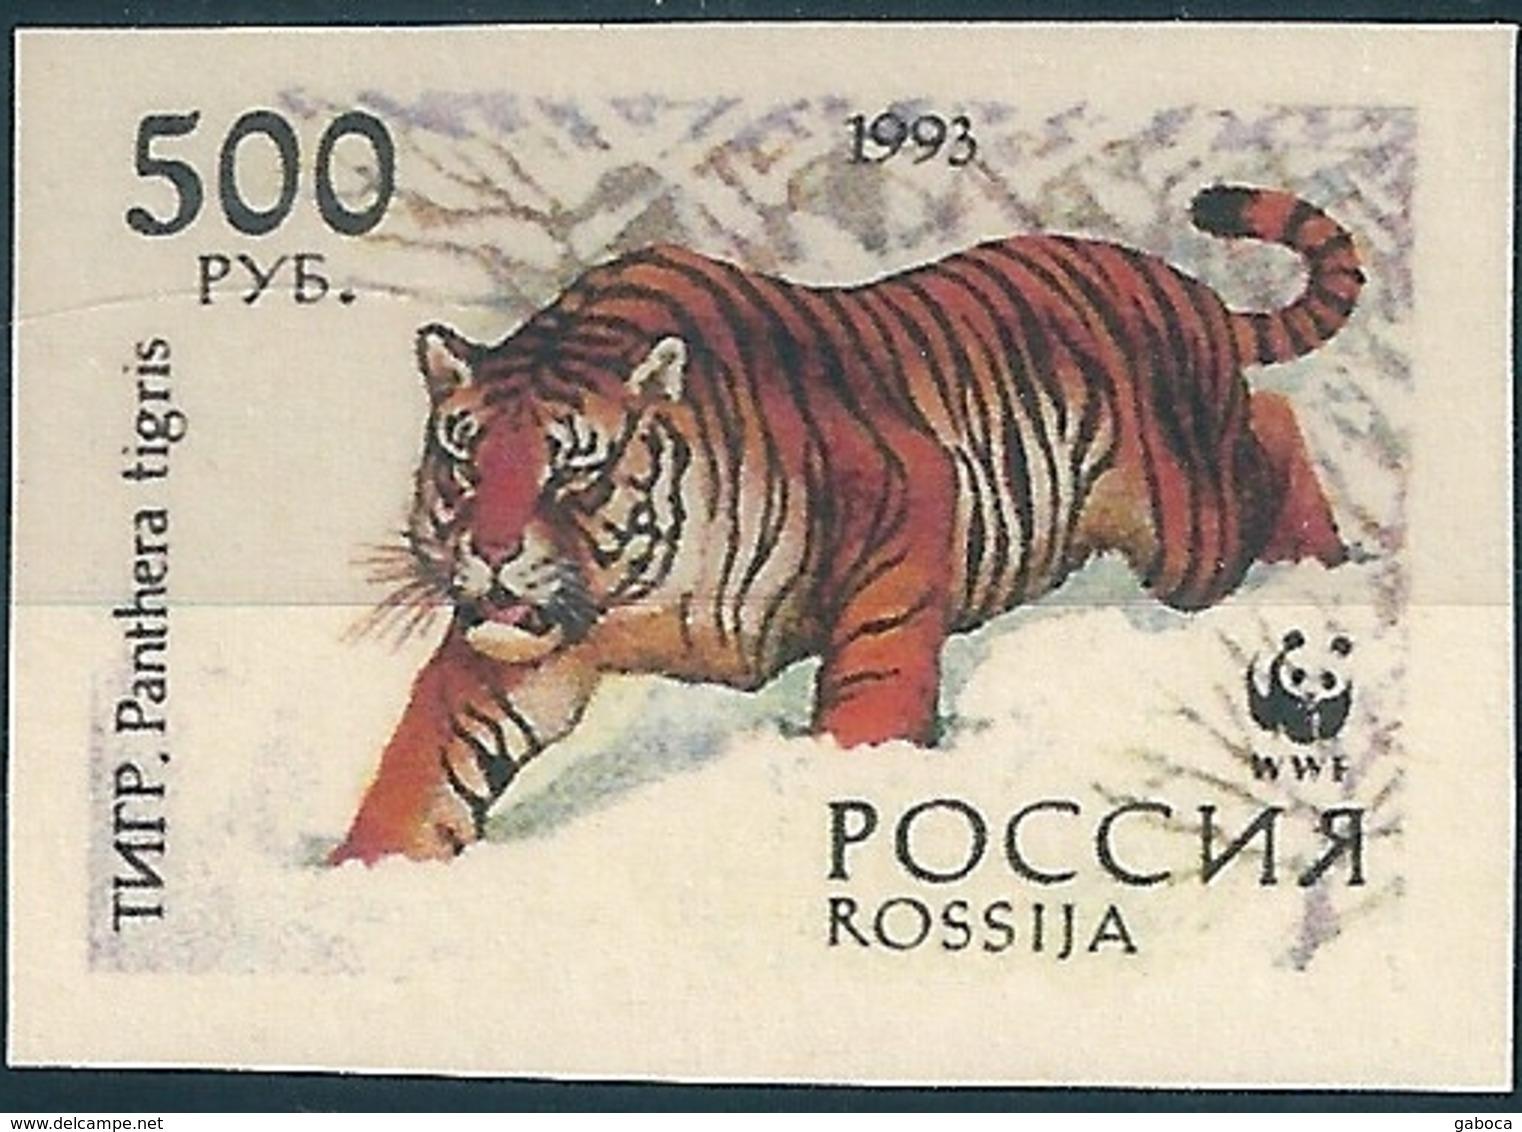 B3758 Russia Rossija Fauna Animal Tiger Organization (500 Rubel) Colour Proof - Errors & Oddities